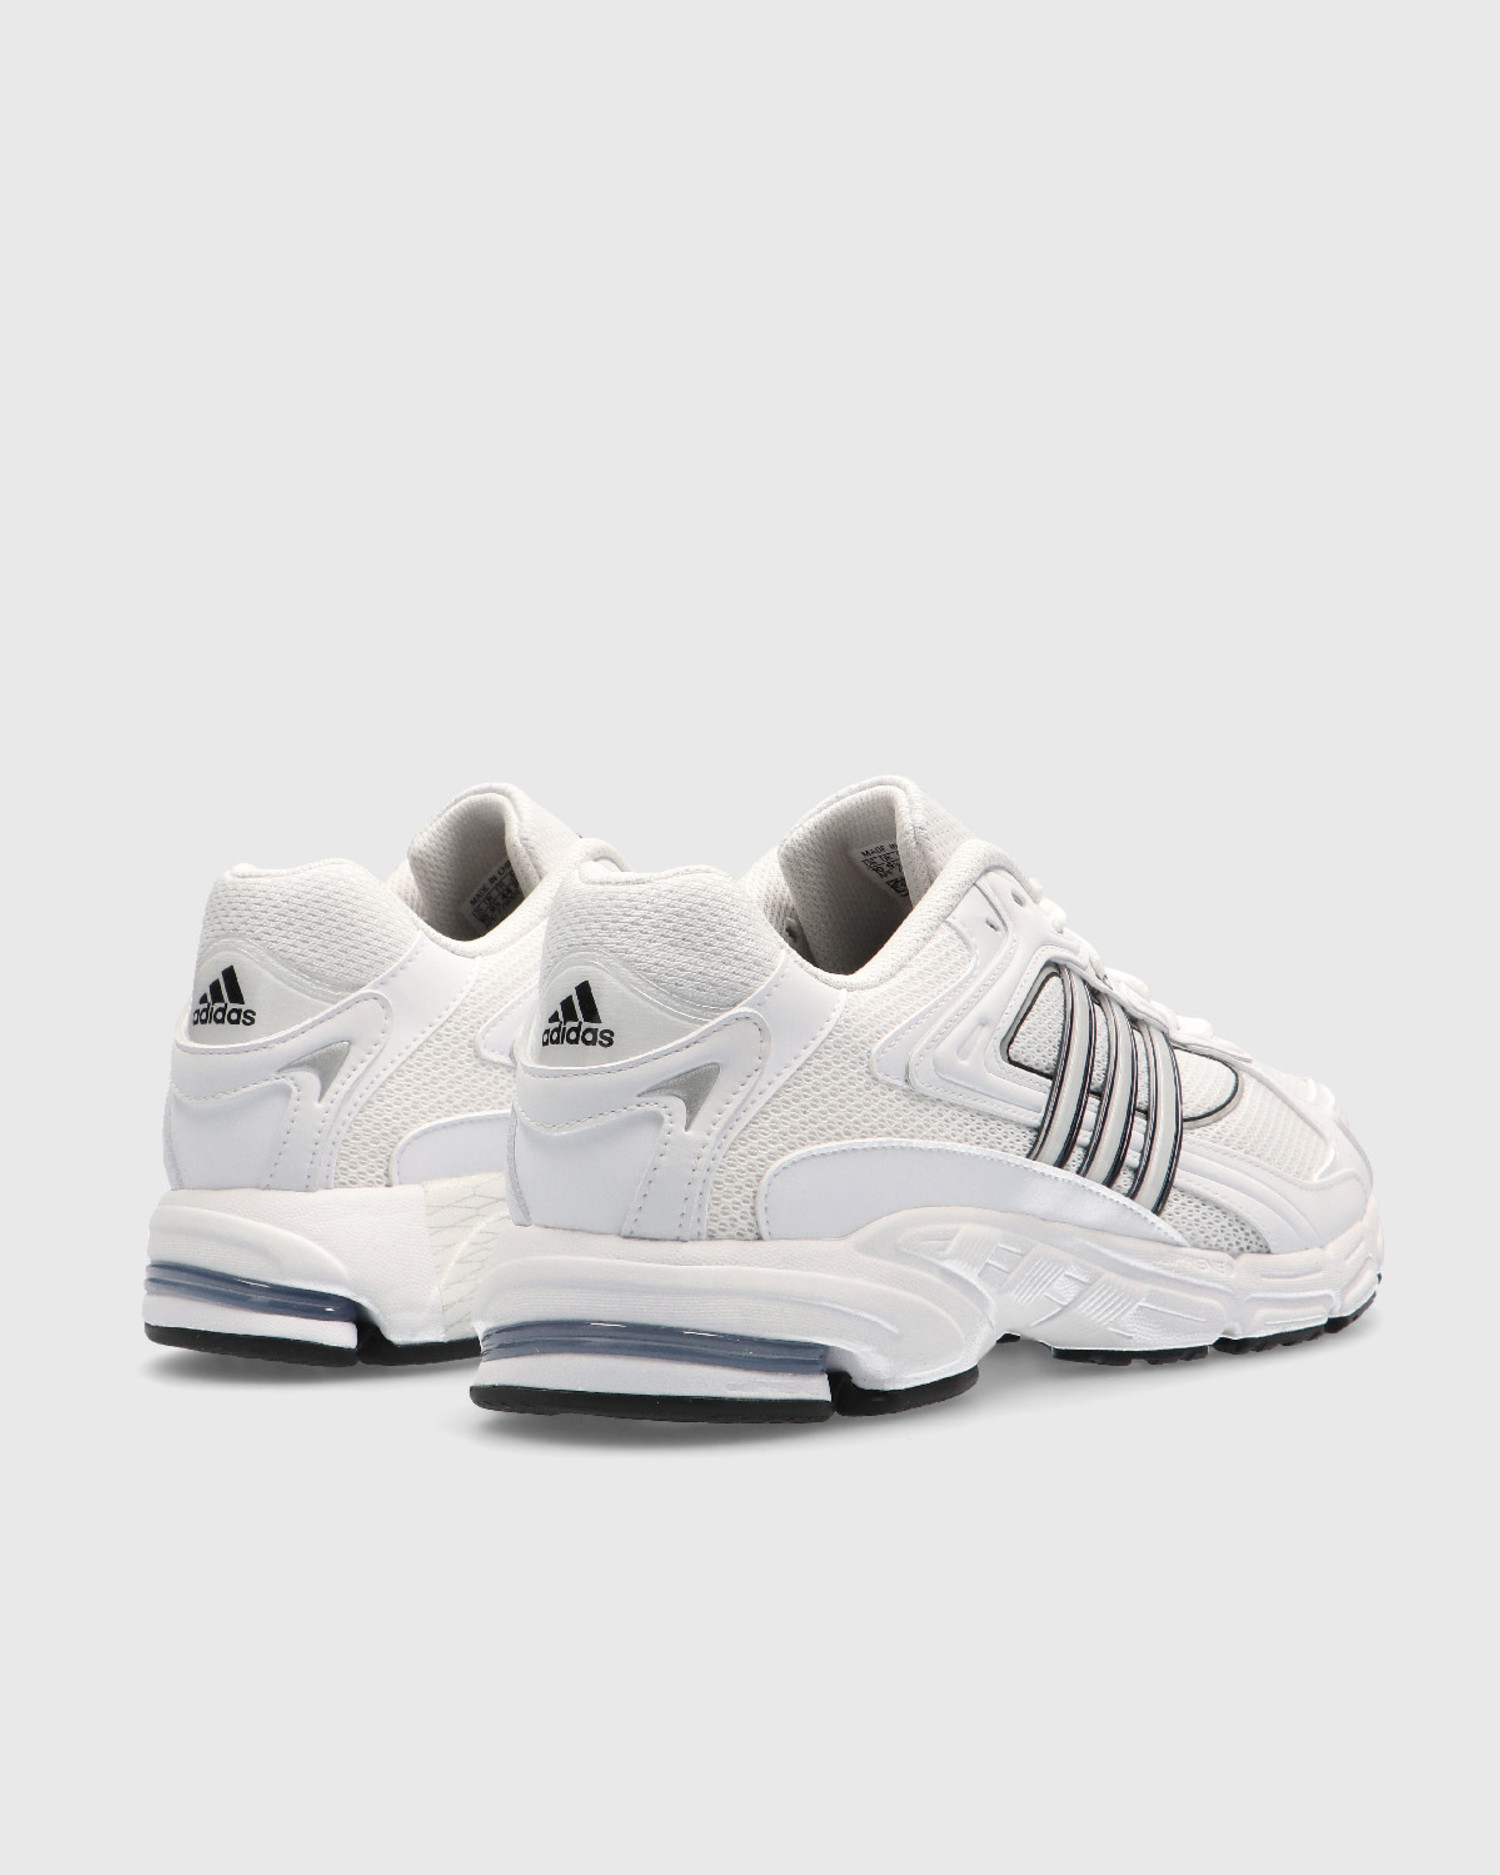 Adidas Response CL White/Core Black/White